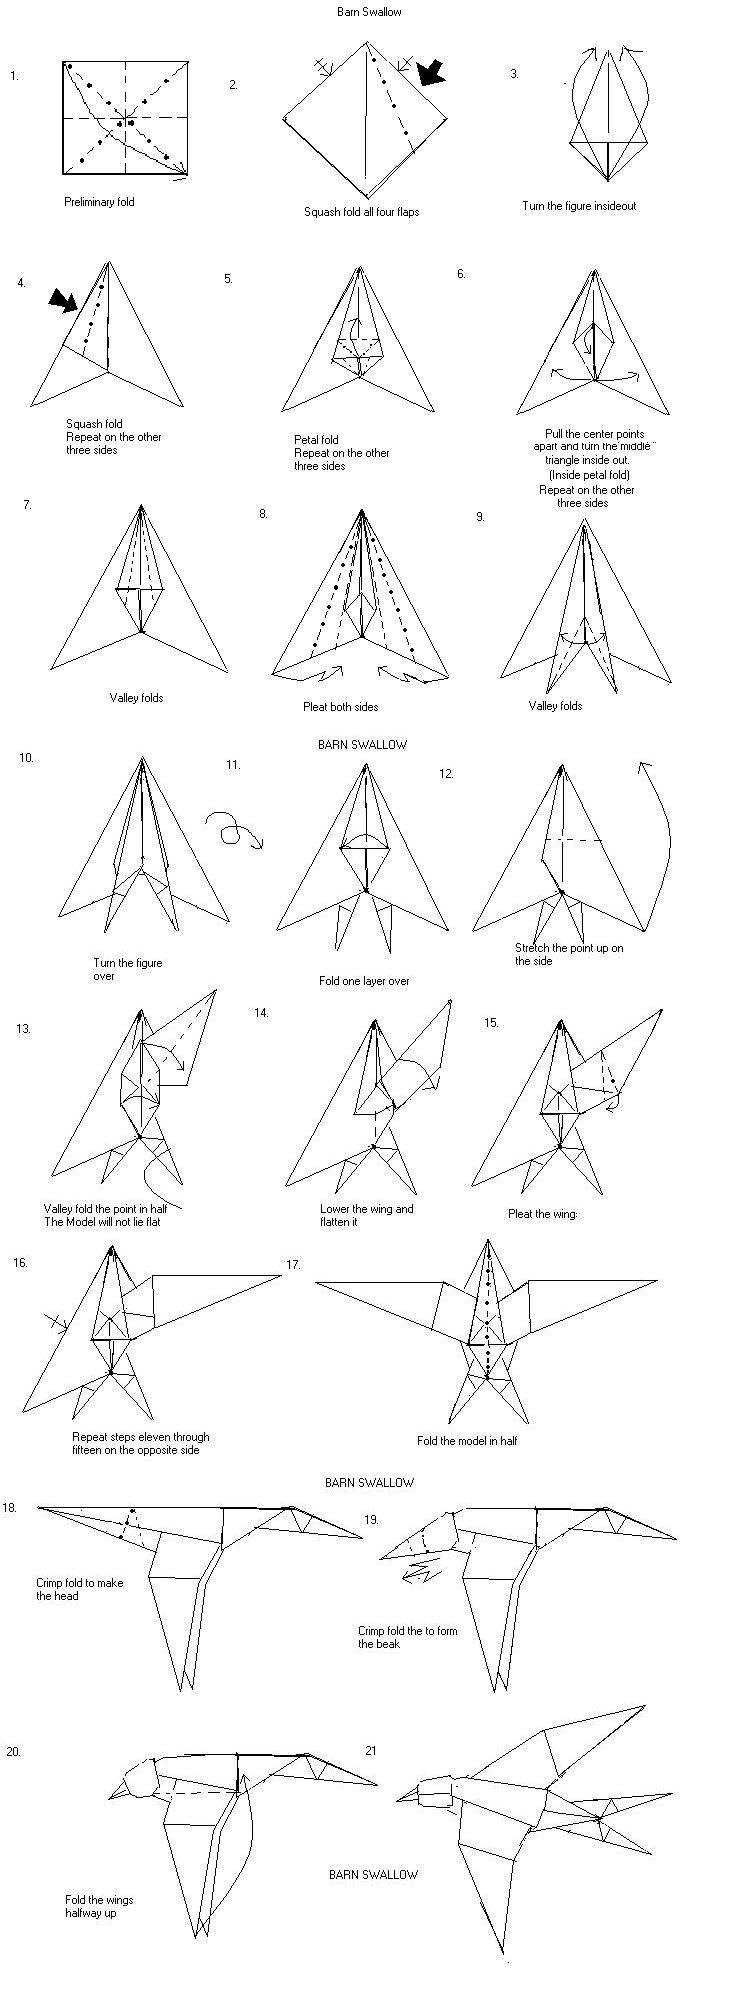 medium resolution of barn swallow wing